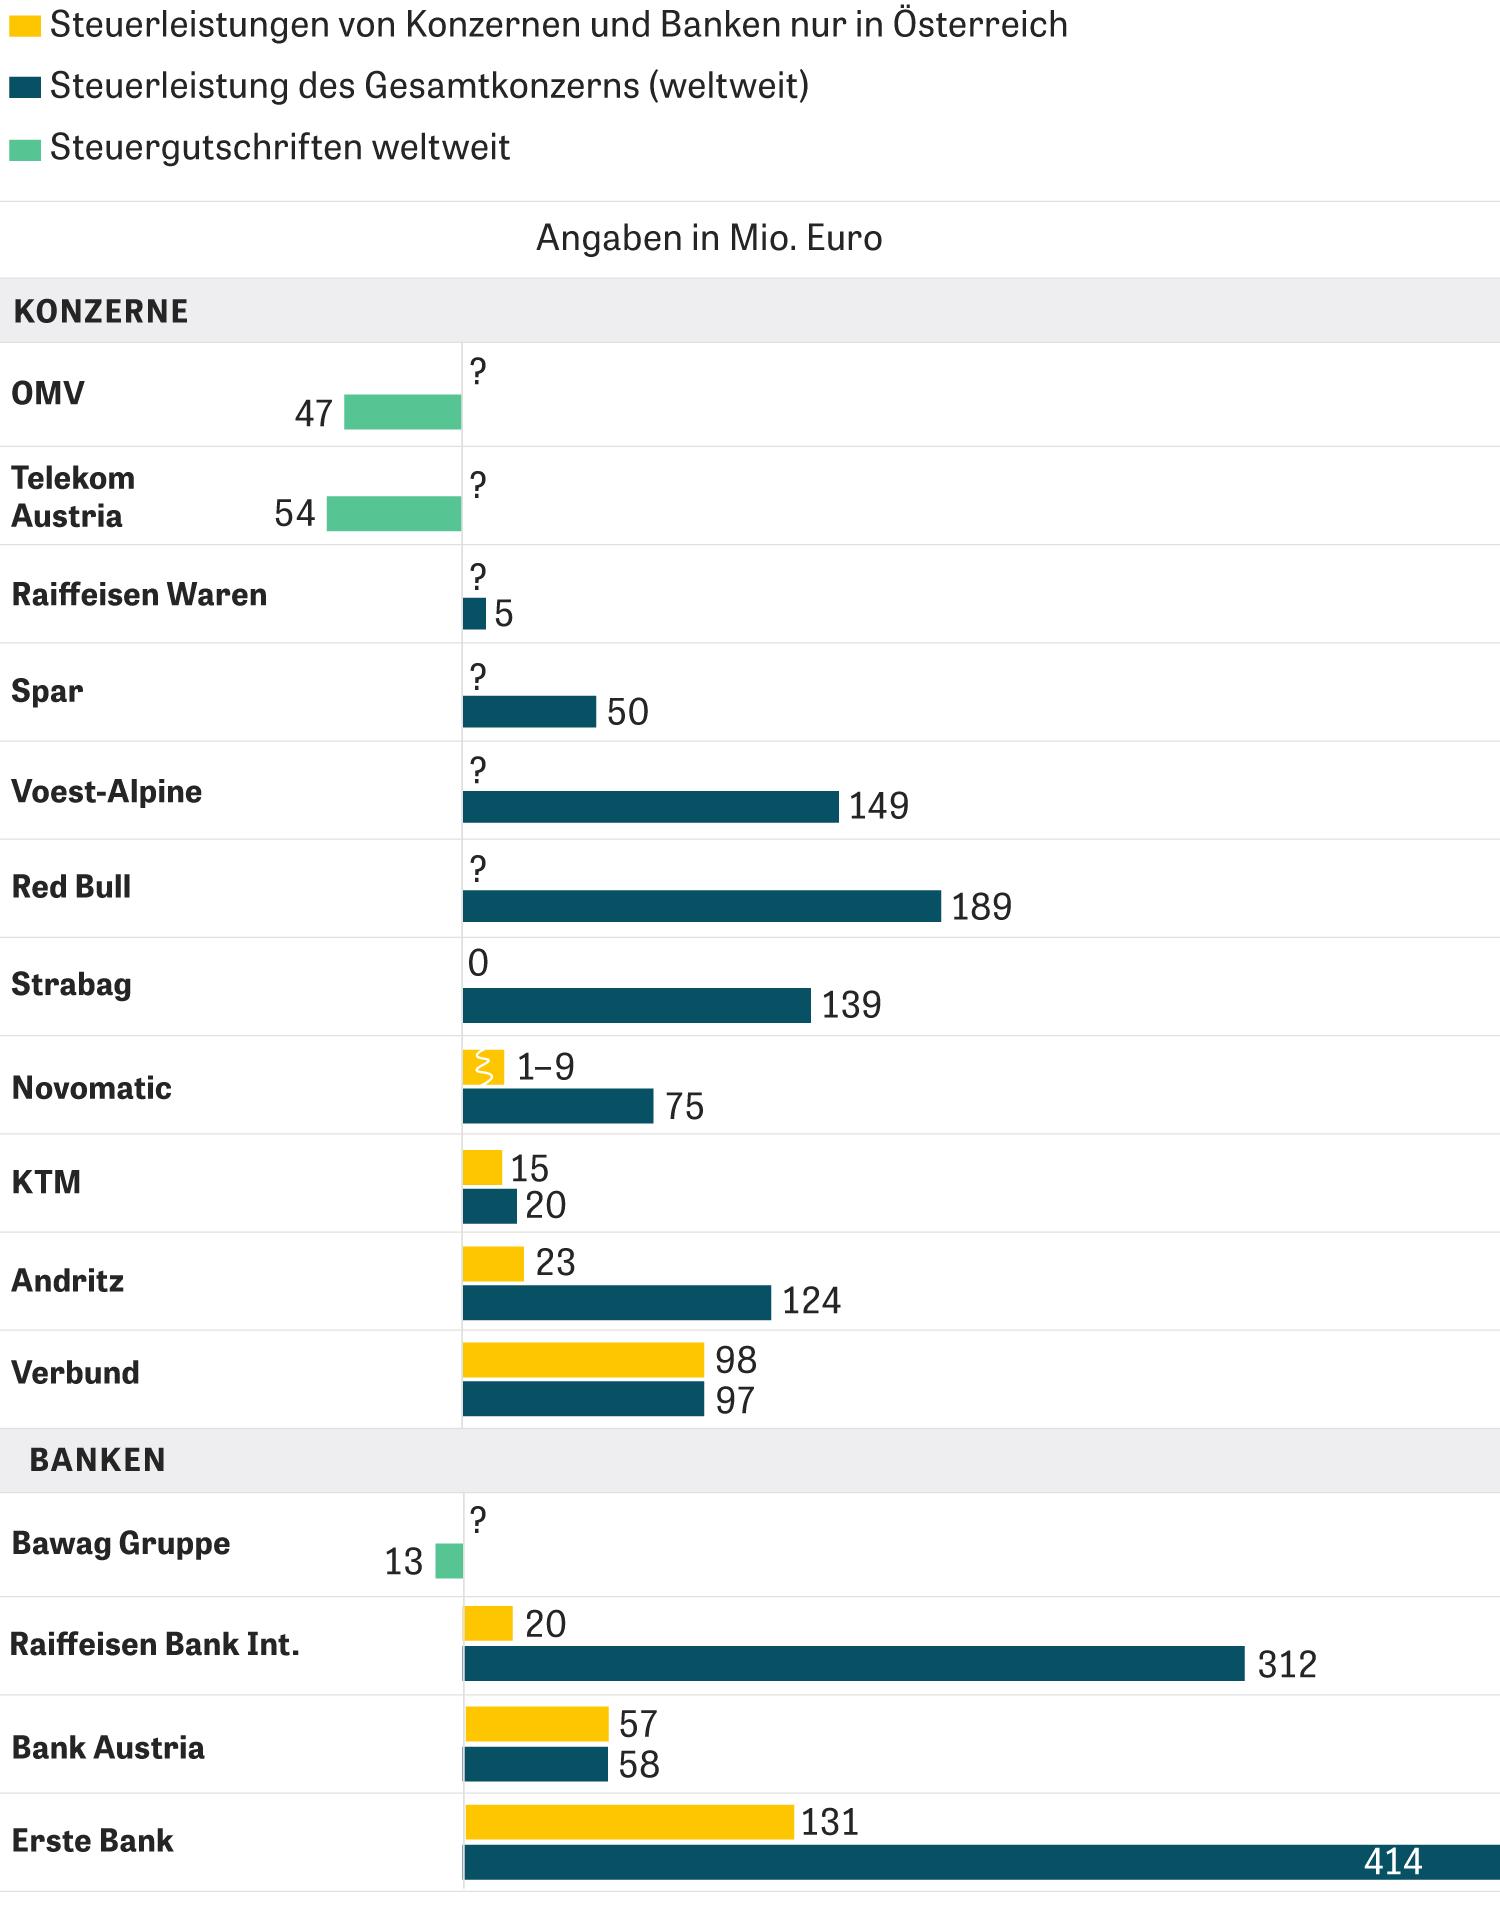 Steuerflucht: Die Zahlen sind gerundet und beziehen sich auf das Jahr 2016, außer bei Red Bull (2015) und Voest-Alpine AG (2015/16).